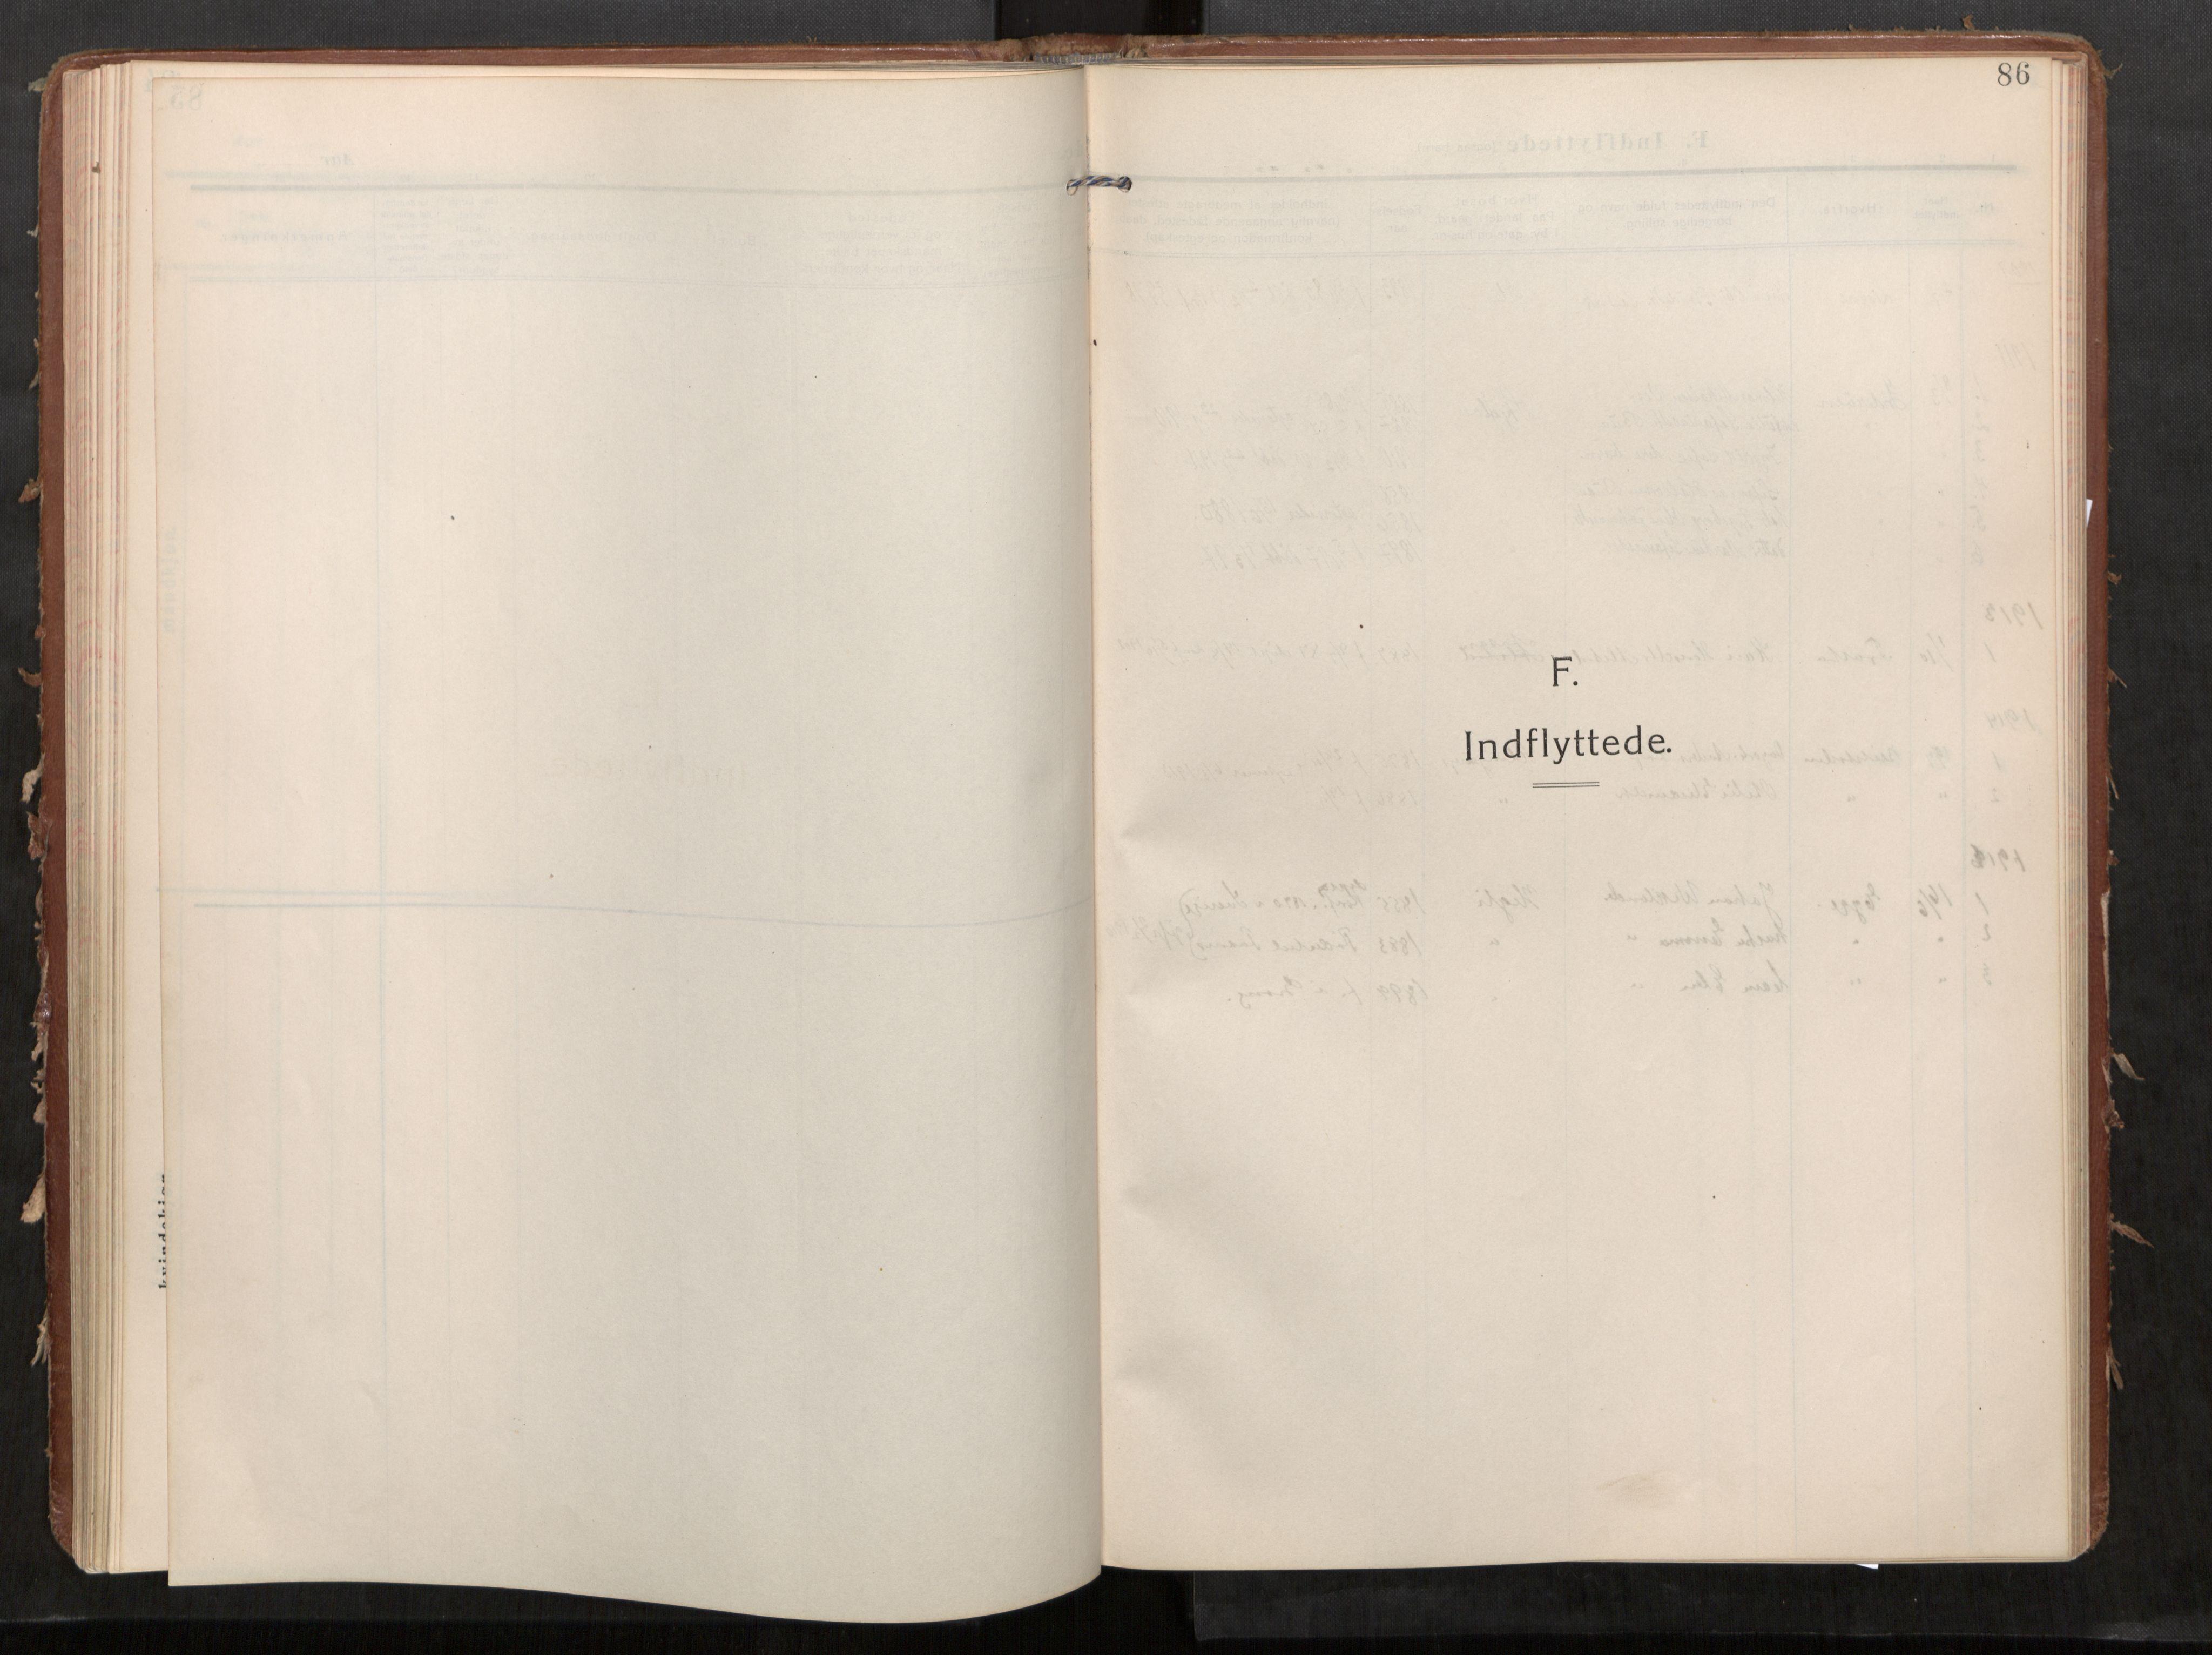 SAT, Stod sokneprestkontor, I/I1/I1a/L0002: Parish register (official) no. 2, 1909-1922, p. 86